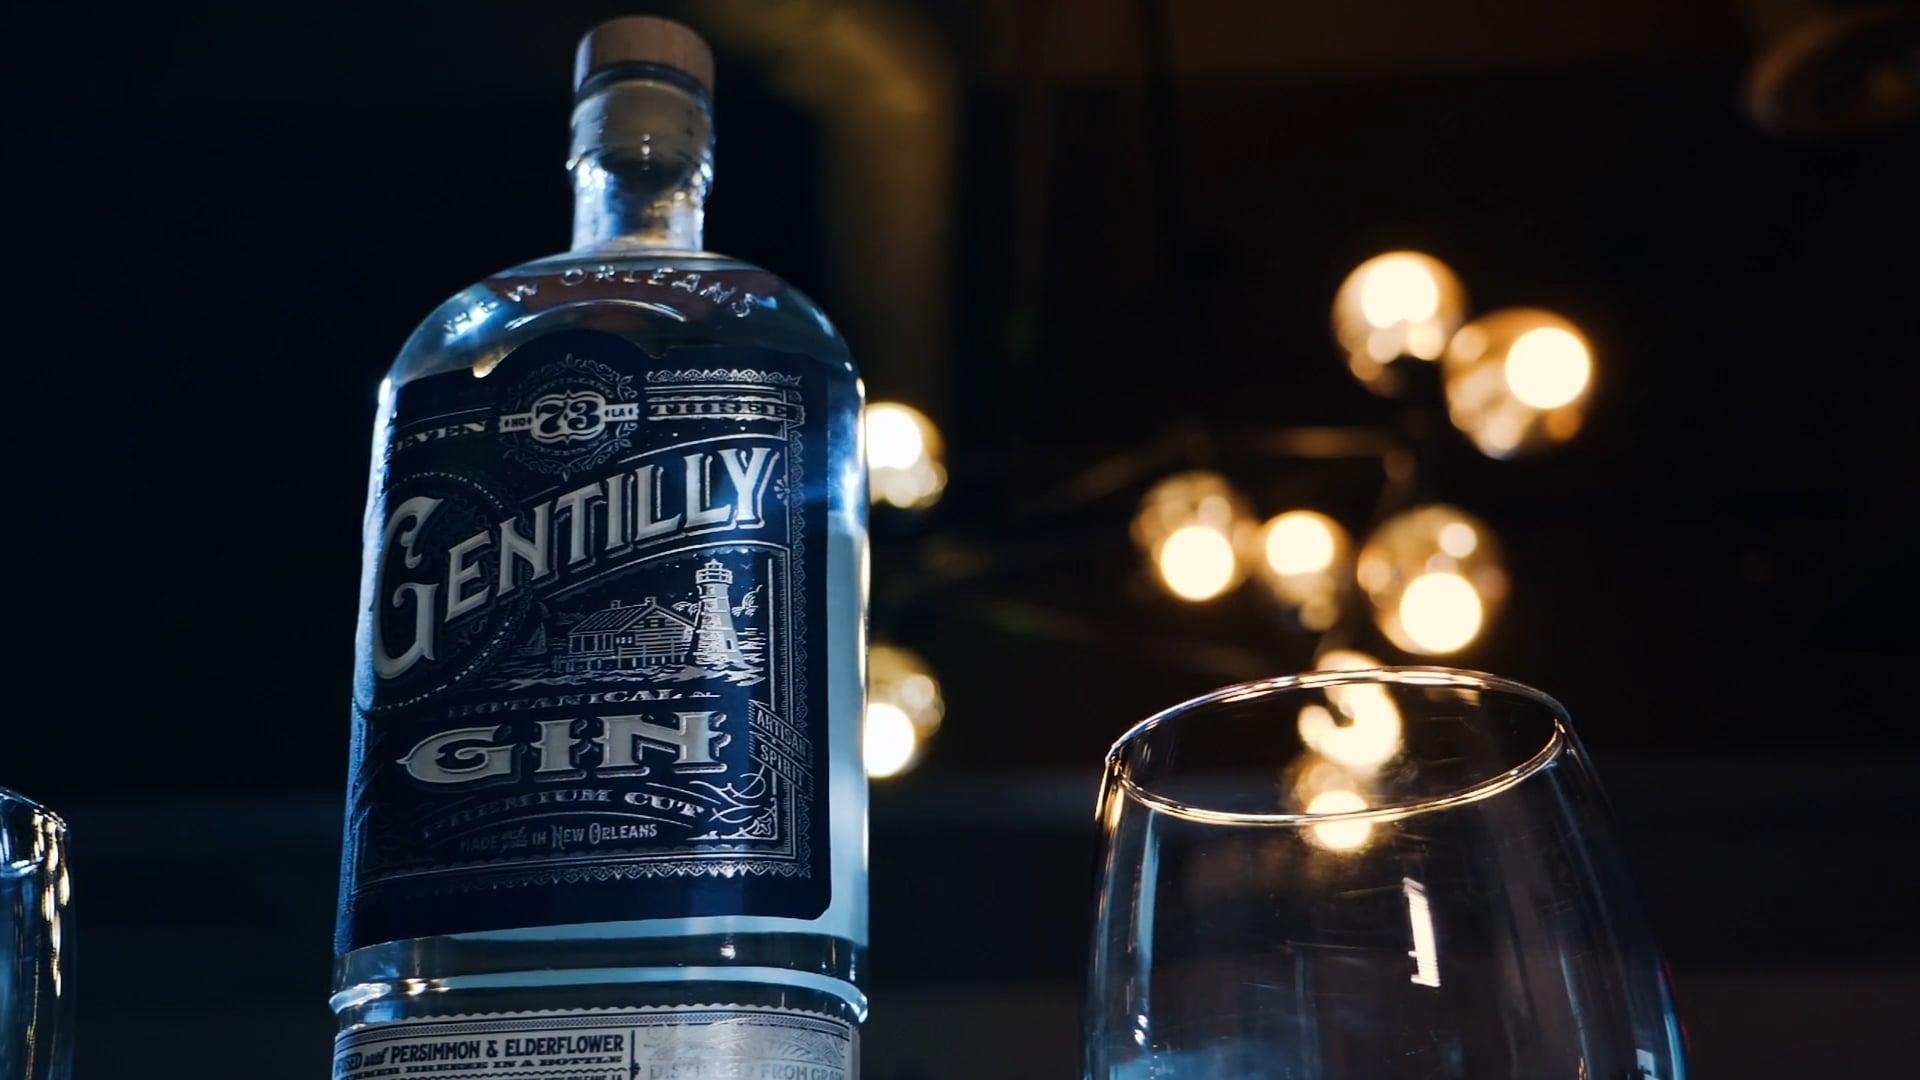 Seven Three Distilling - Gentilly Gin Advert